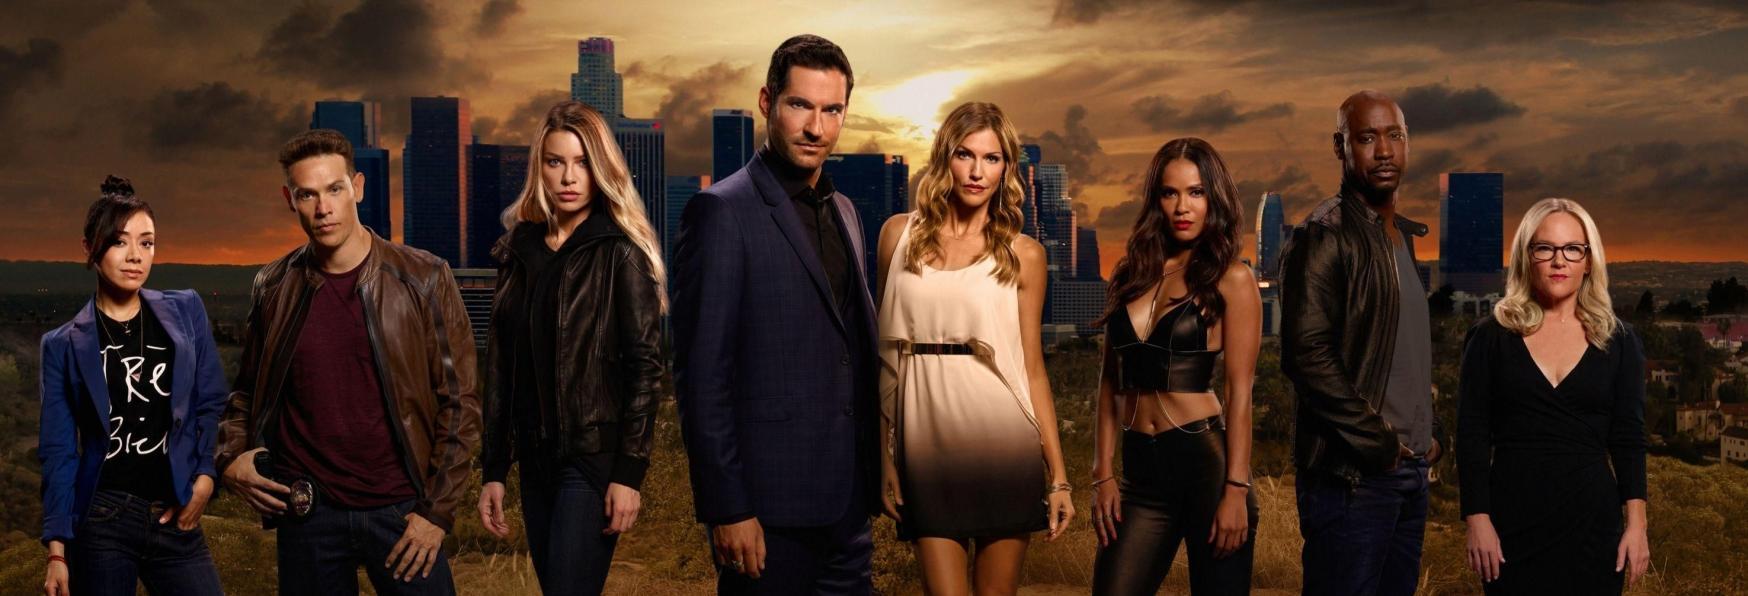 Lucifer 6: Netflix parla di una Possibile Nuova stagione dello Show